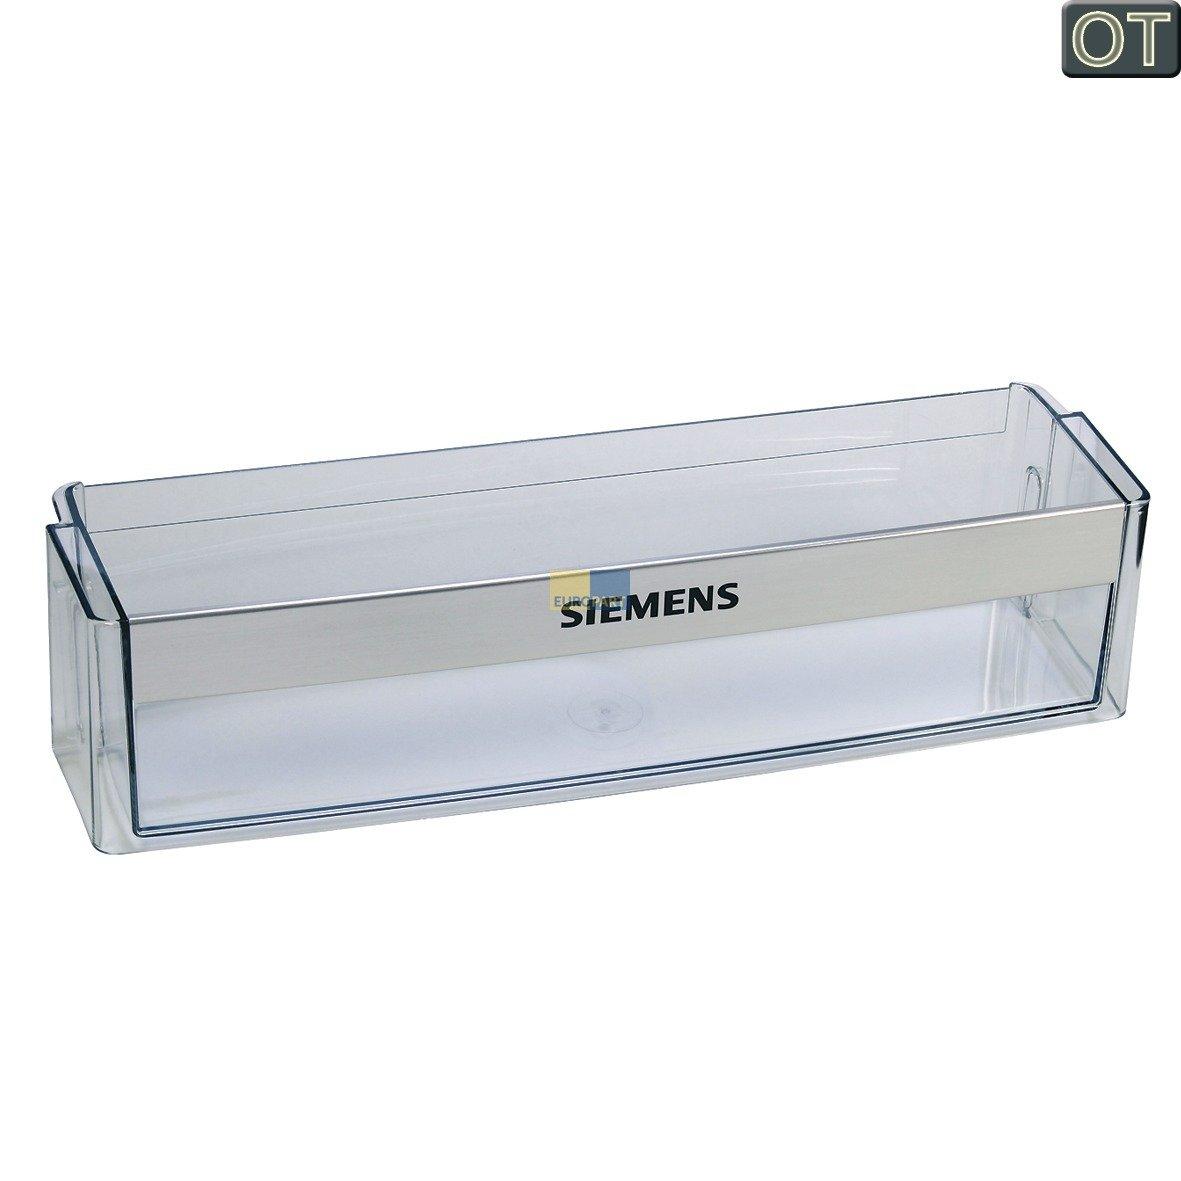 Siemens 705186 00705186 ORIGINAL Absteller Abstellfach Türfach Seitenfach Flaschenfach Flaschenhalter Flaschenabsteller Kühlschrank Kühlschranktür Aufdruck Siemens BSH-Gruppe